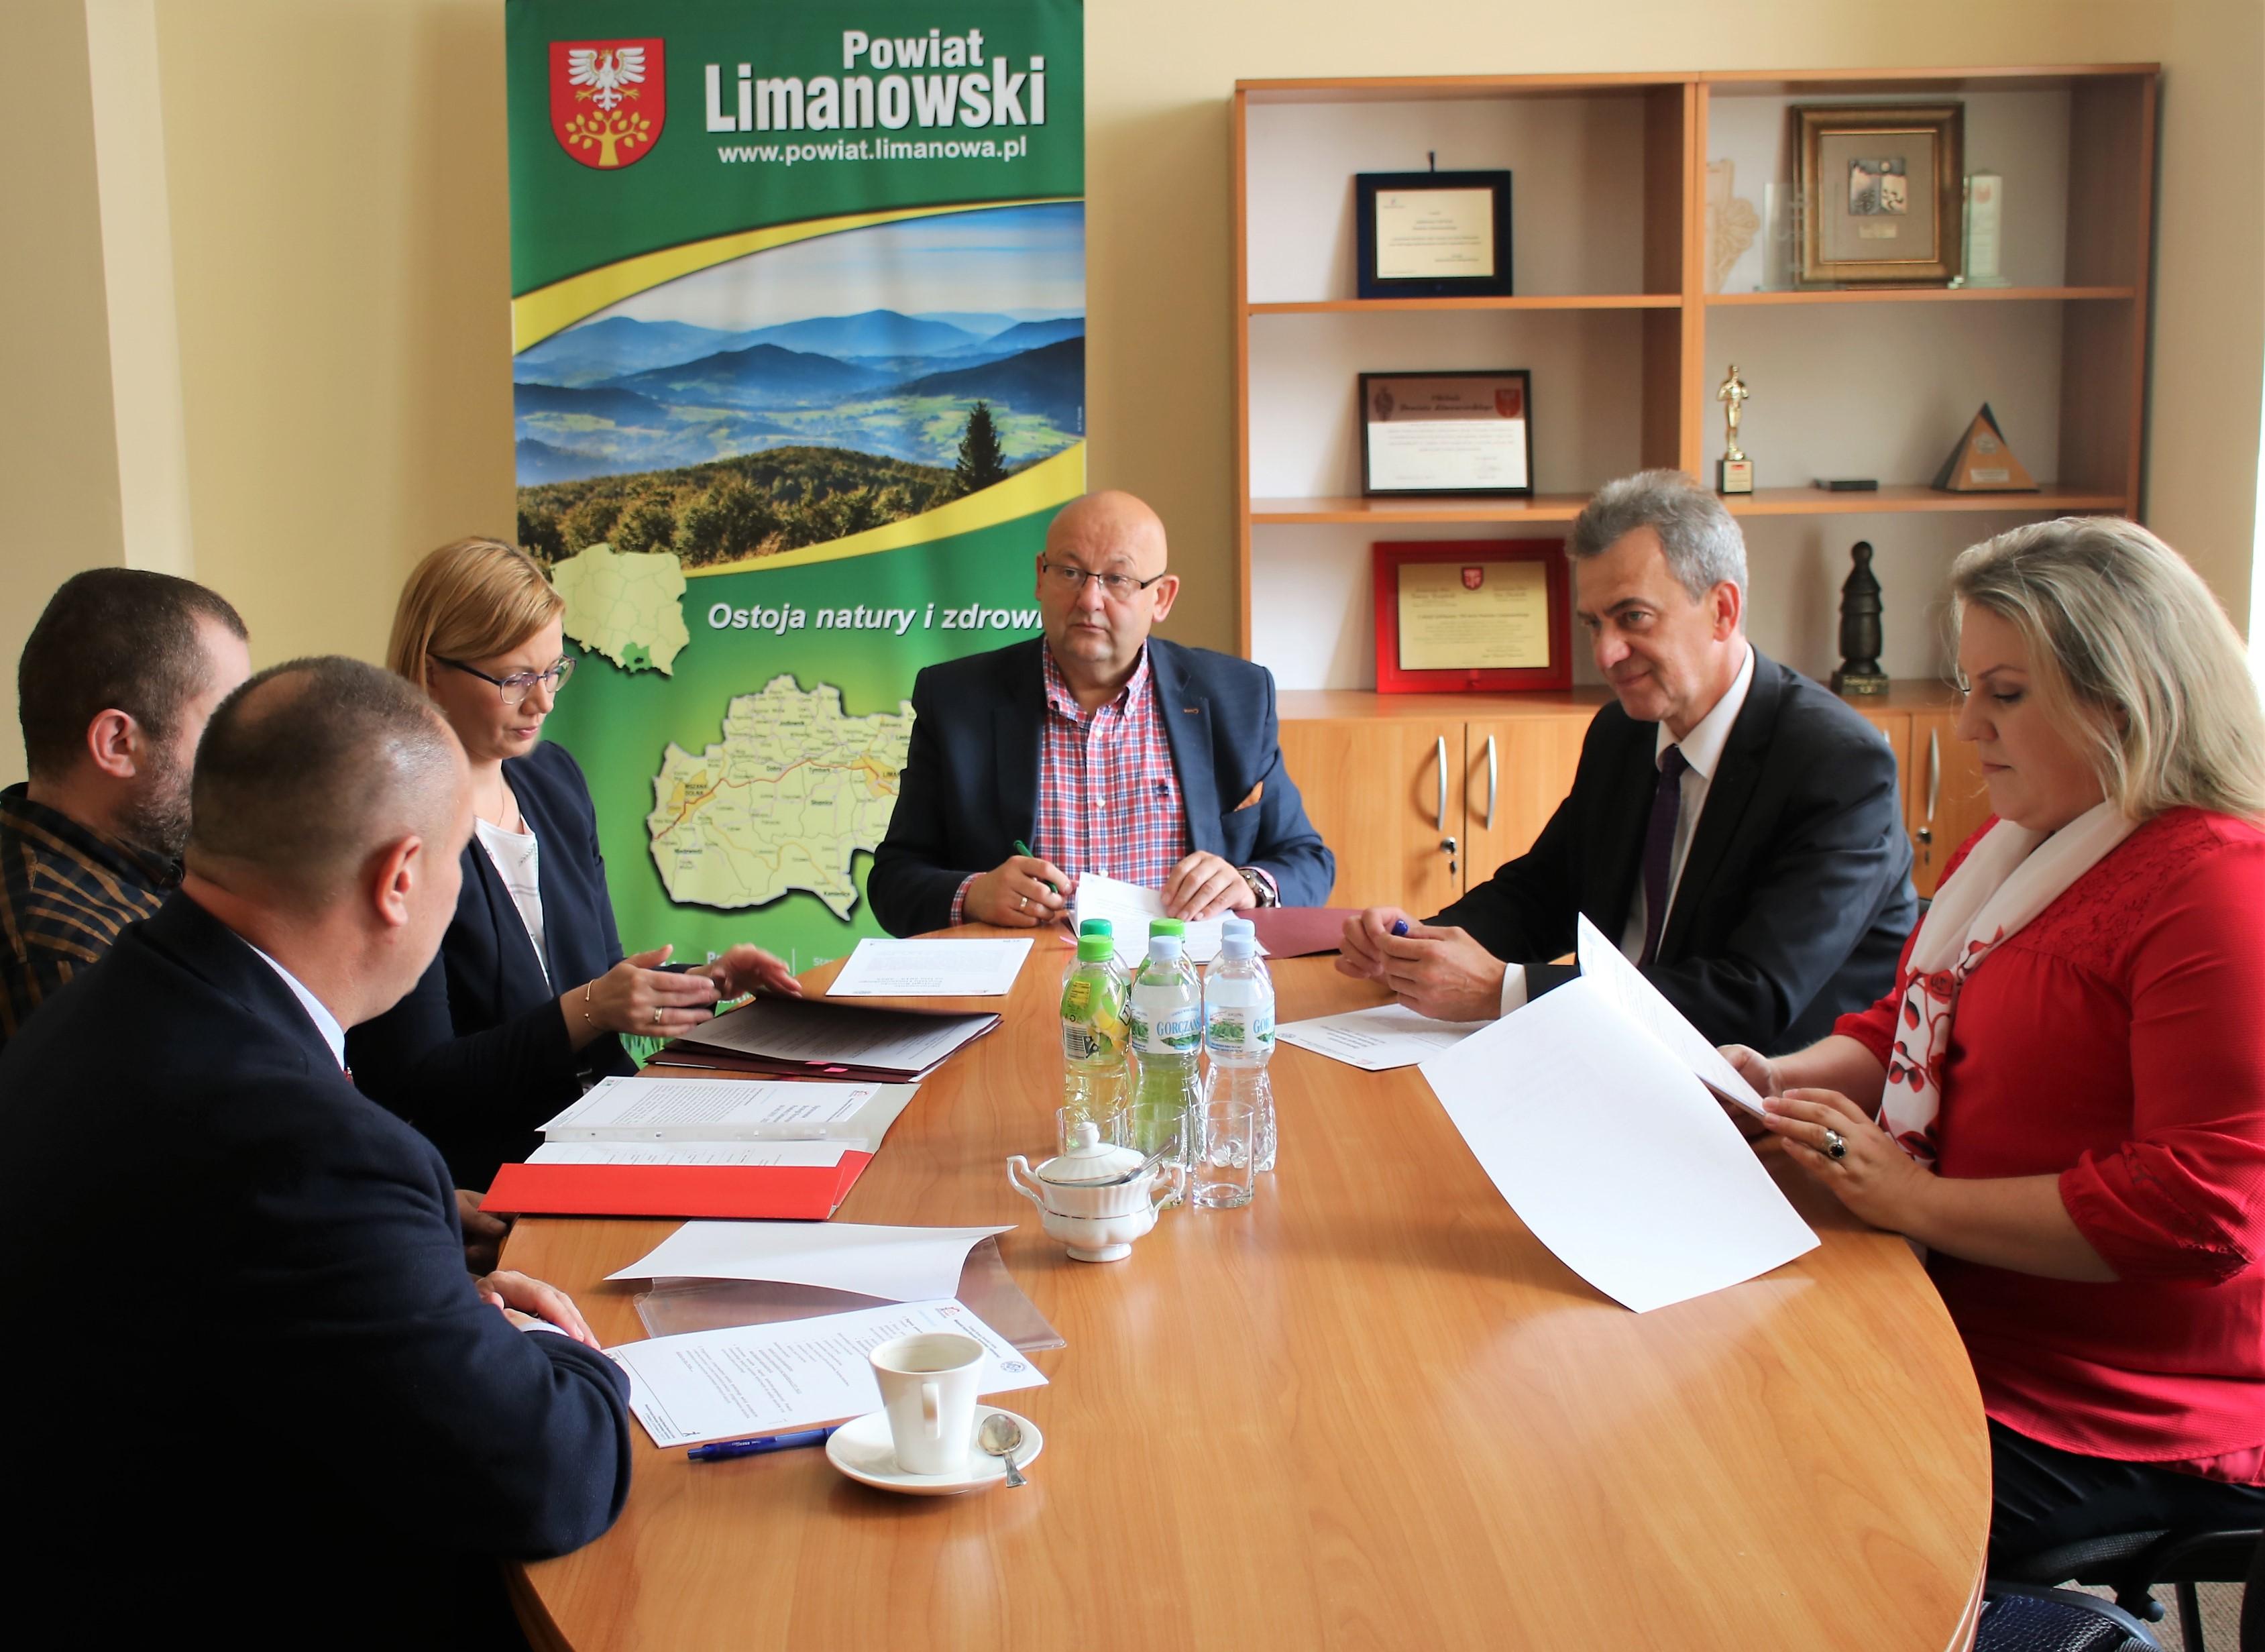 Przedstawiciele Powiatu limanowksiego podczas podpisują umowę na opracowanie strategii dla powiatu limanowskiego